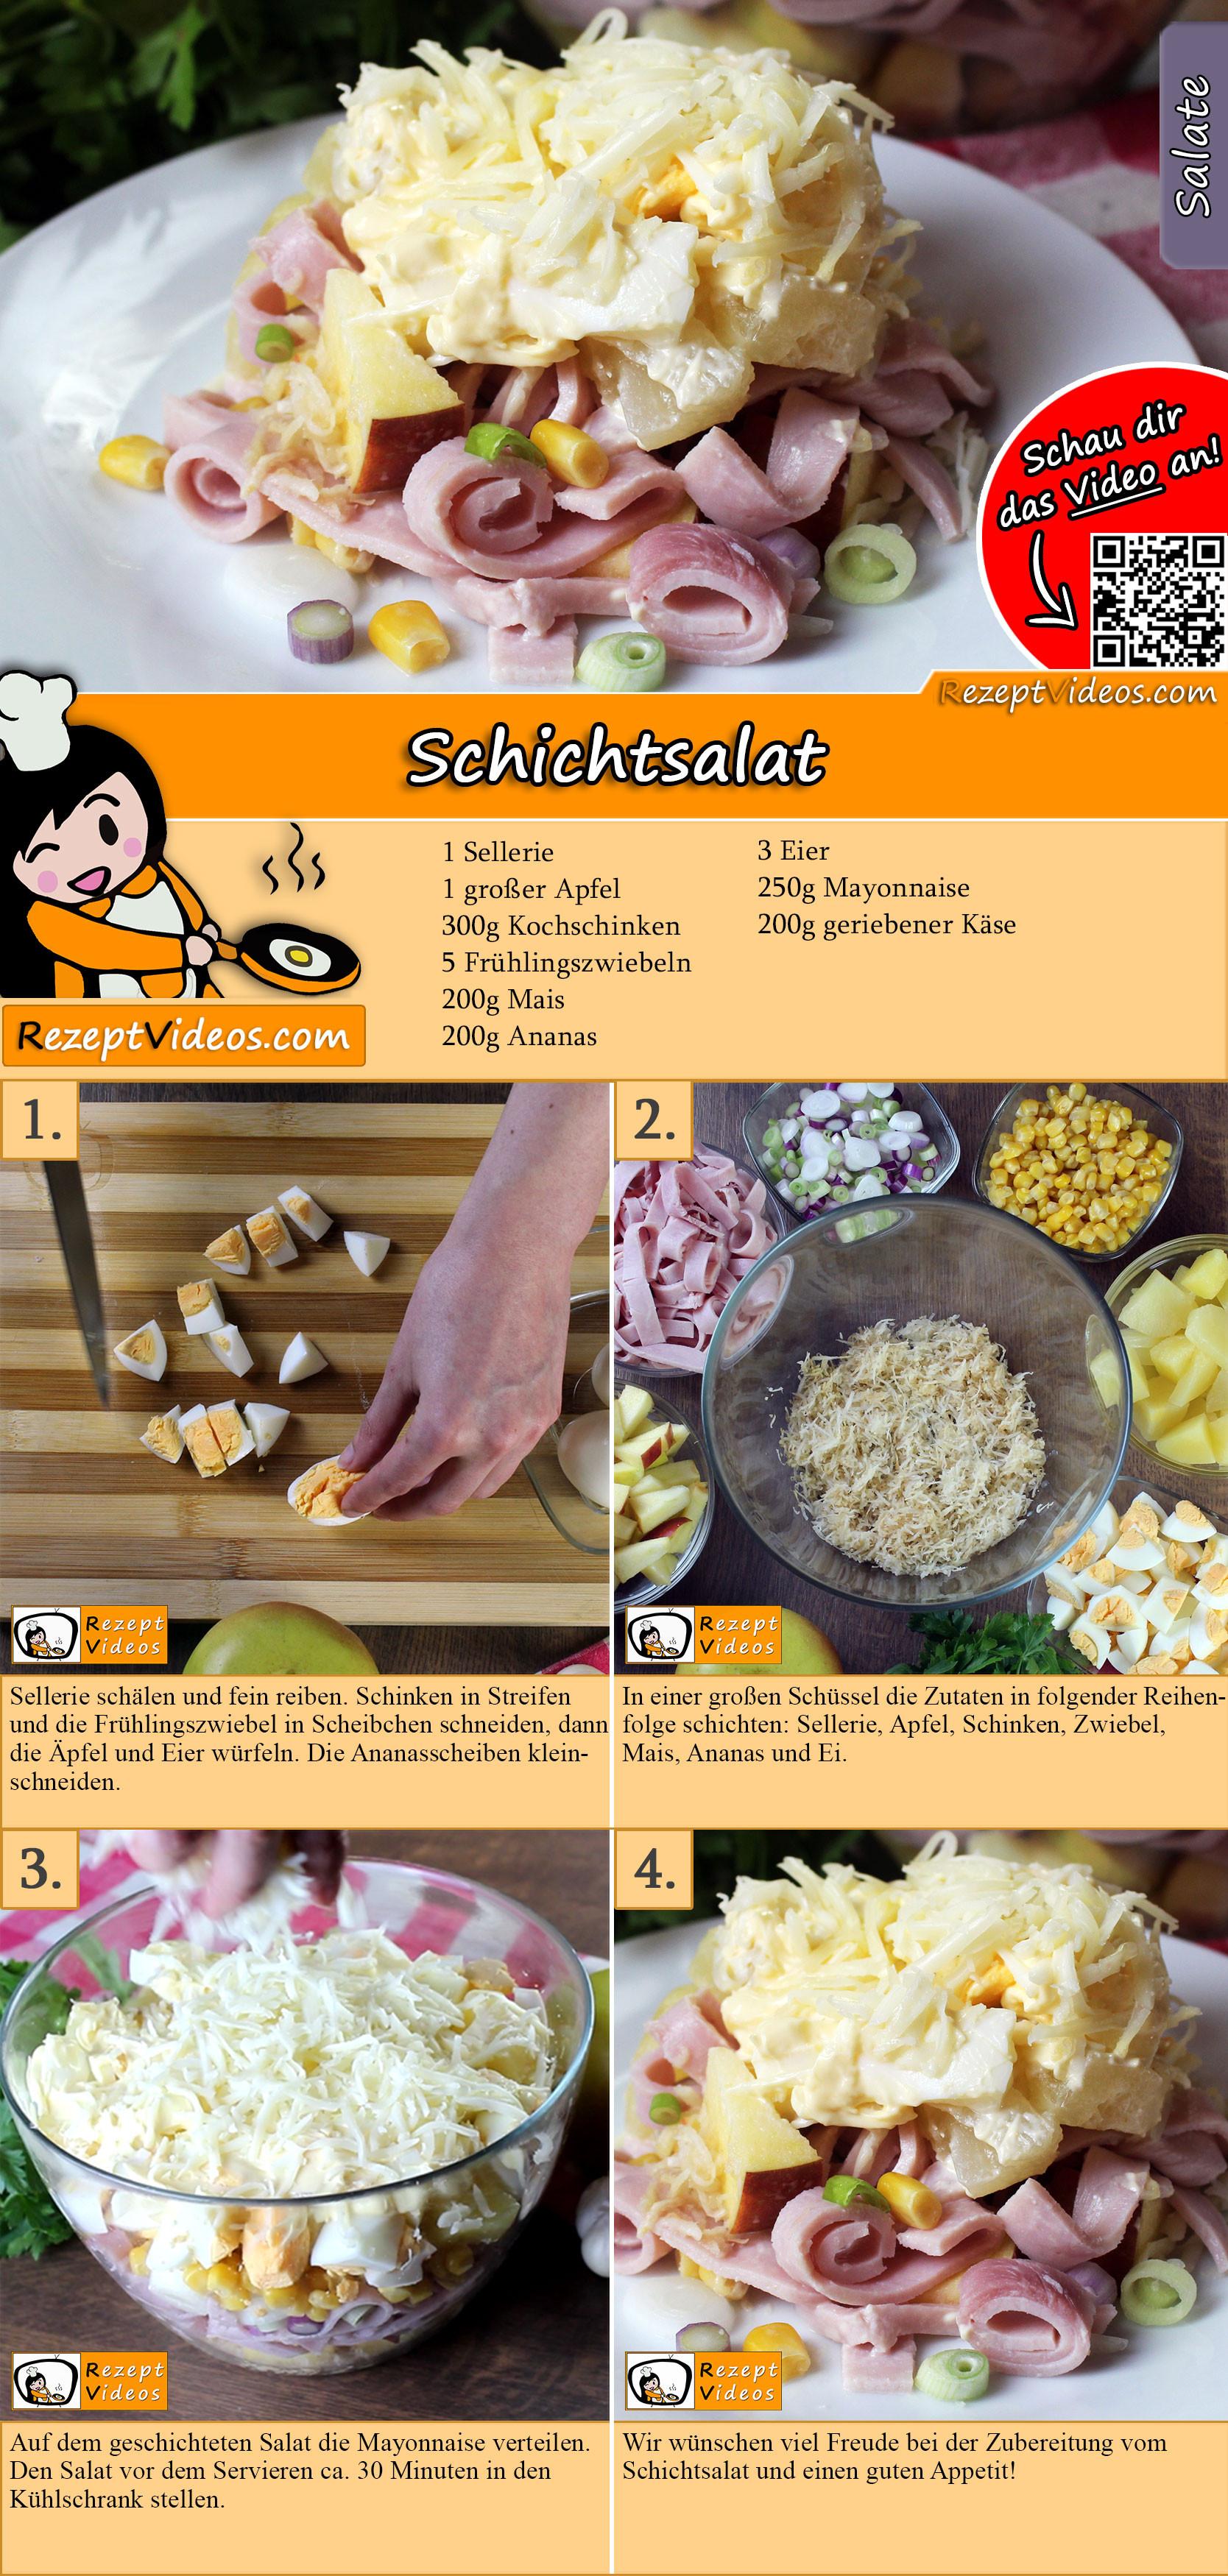 Schichtsalat Rezept mit Video